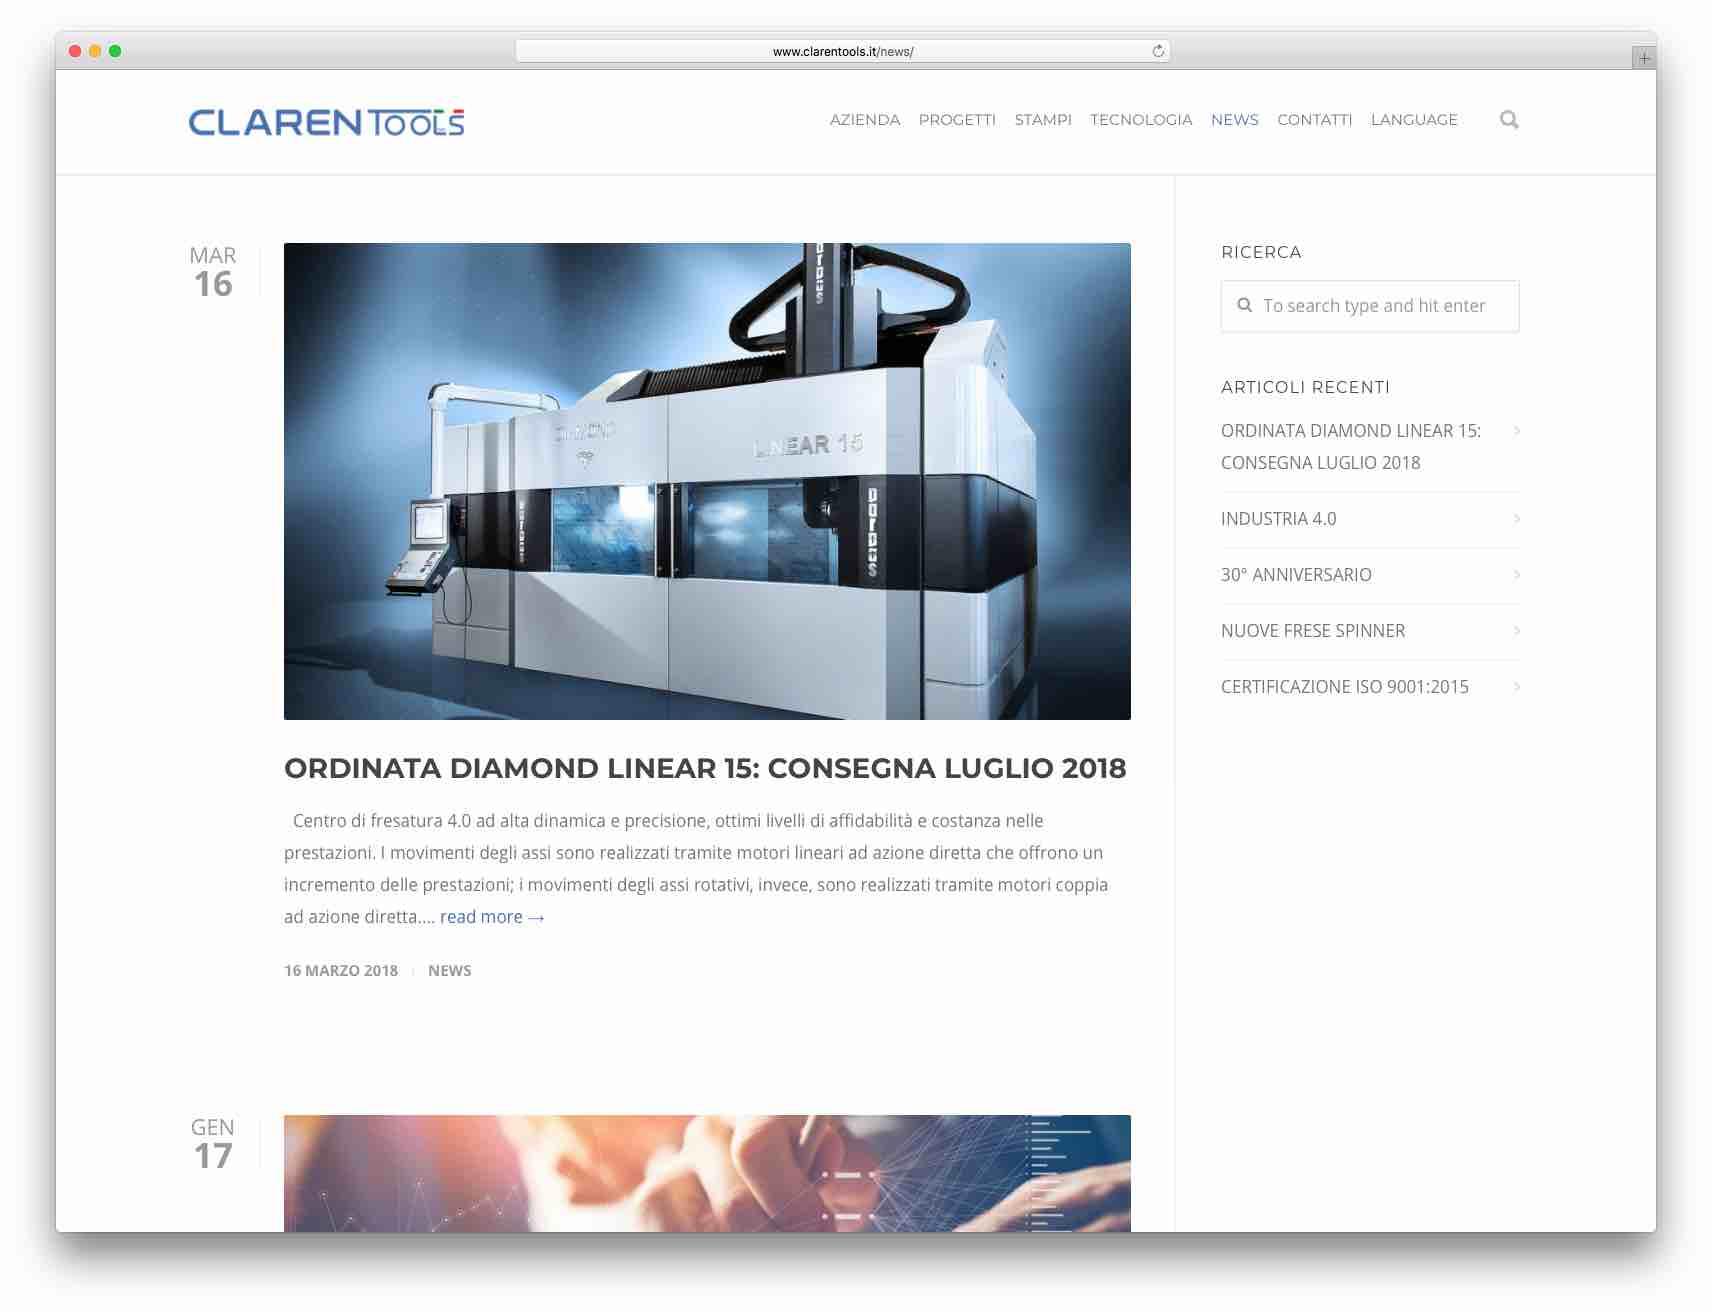 creazione siti web Brescia - sito web Claren Tools